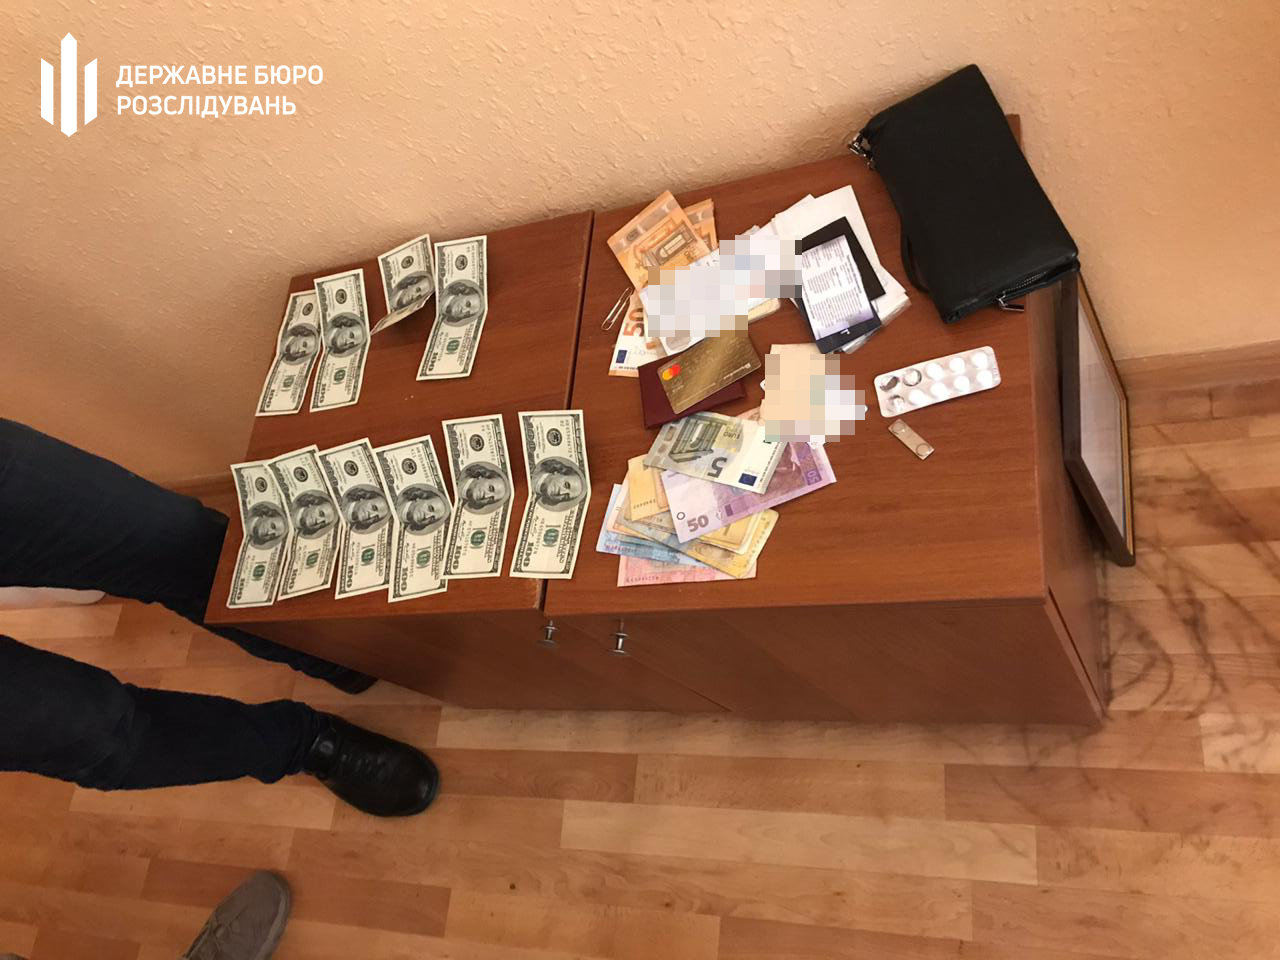 1800 доларів США за безперешкодне проходження військової служби – ДБР затримало начальника відділу прикордонної служби, фото-2